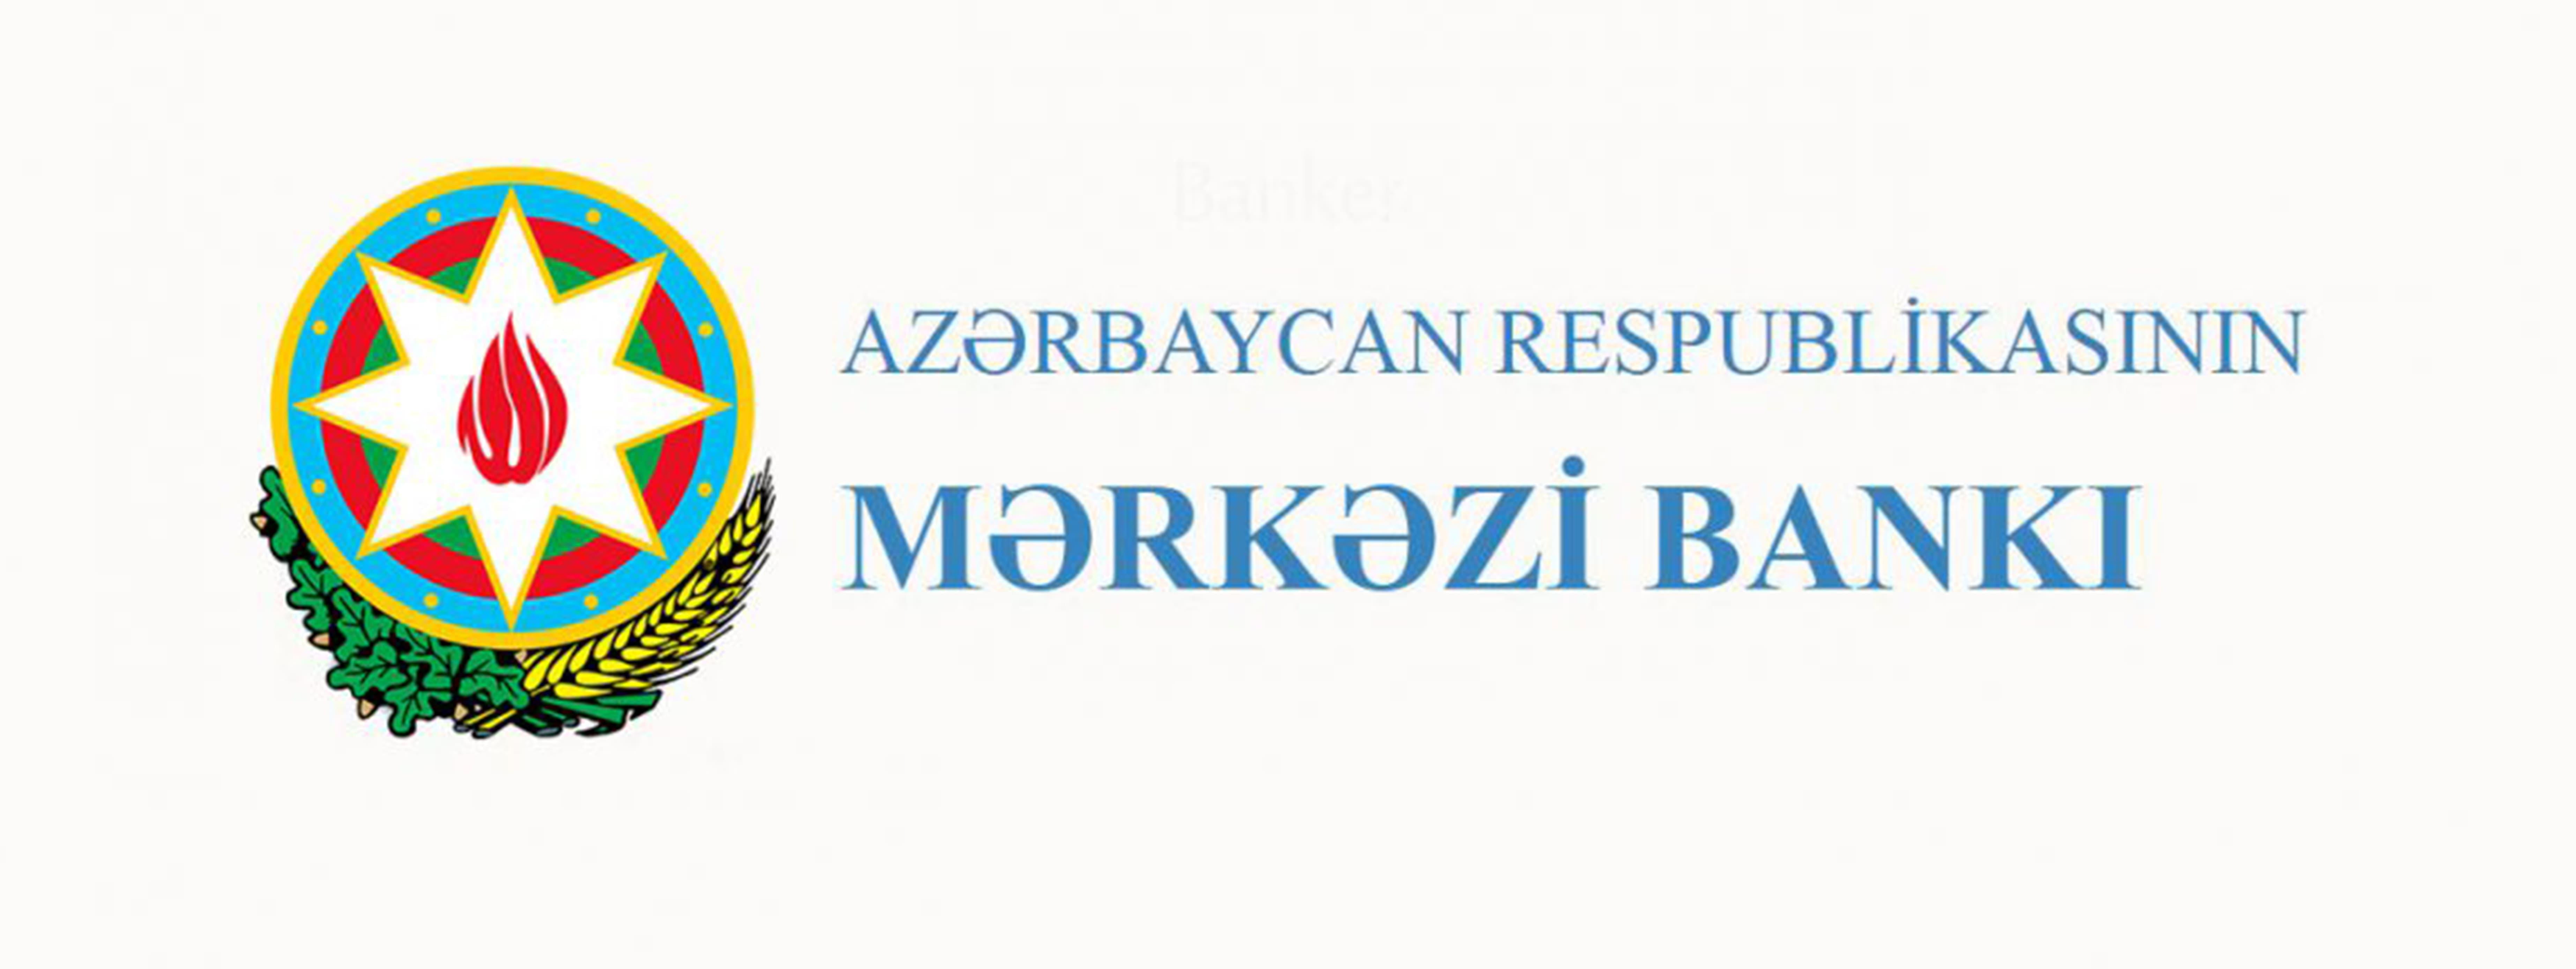 Azərbaycan Respublikasının Mərkəzi Bankı